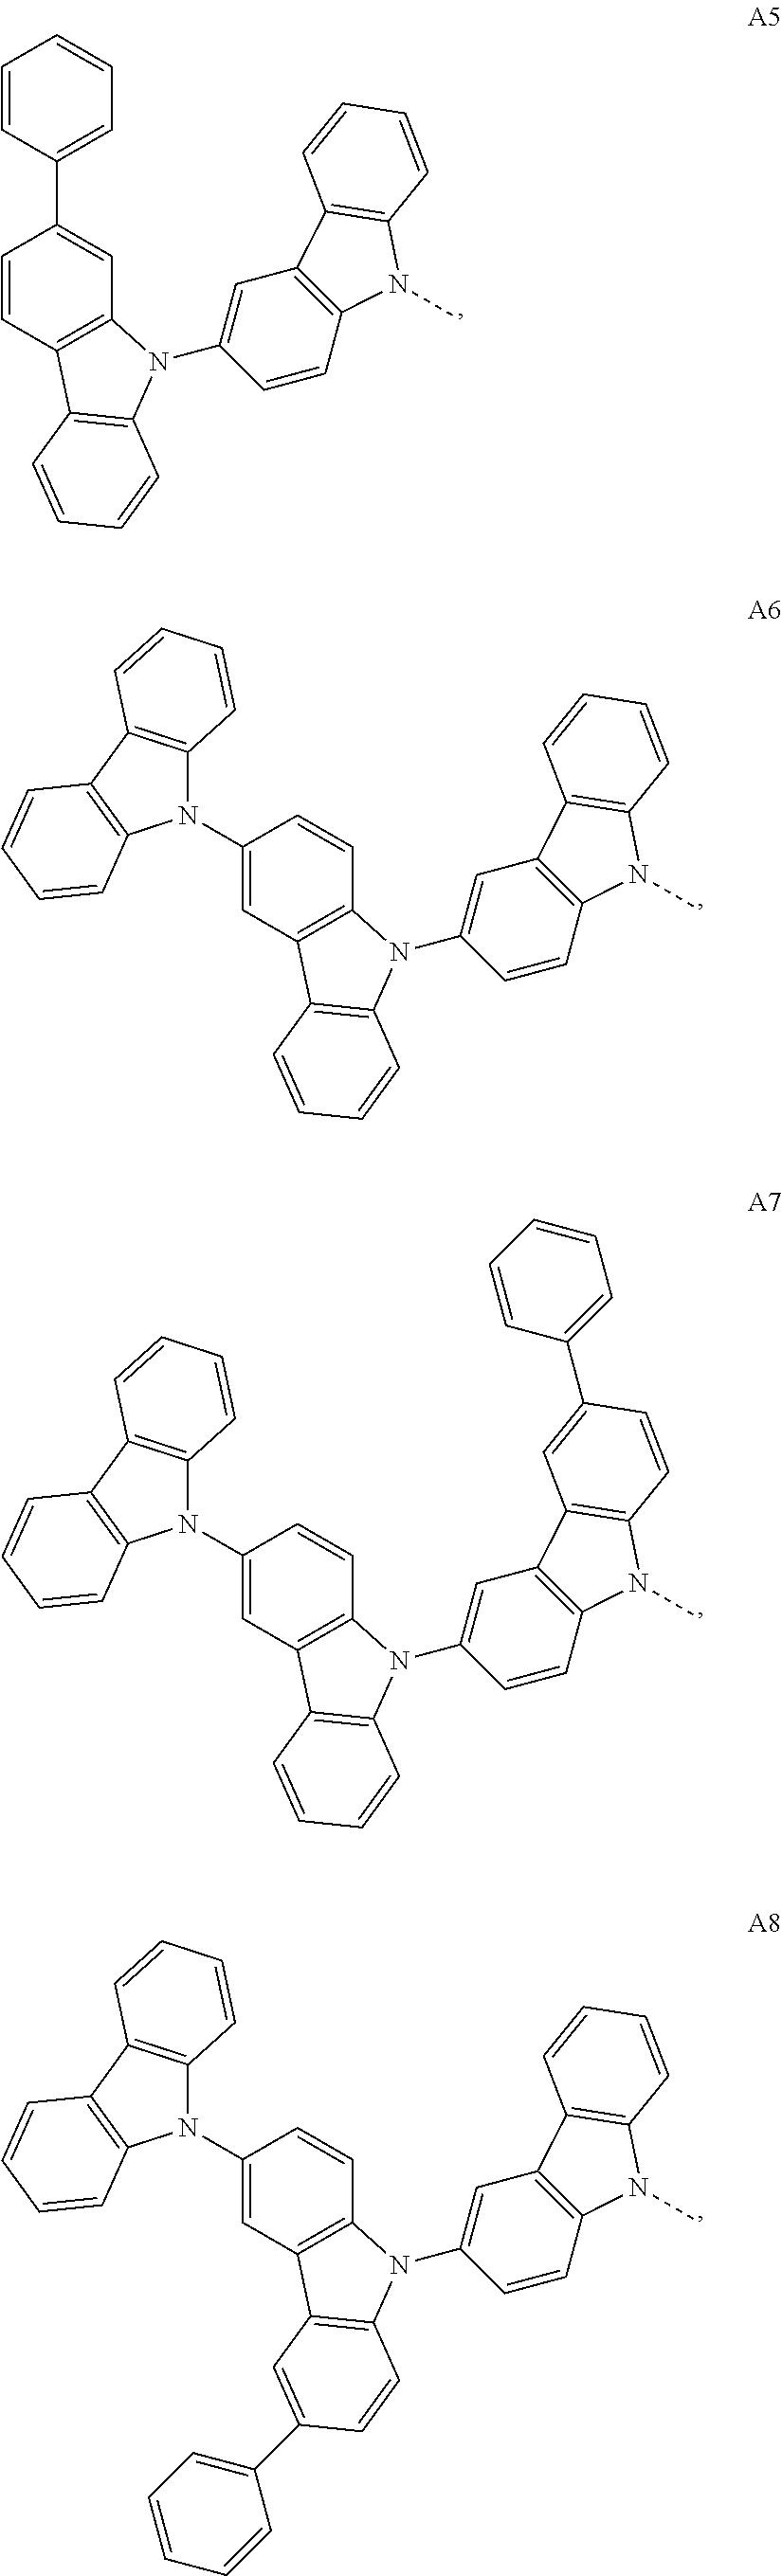 Figure US09876173-20180123-C00031